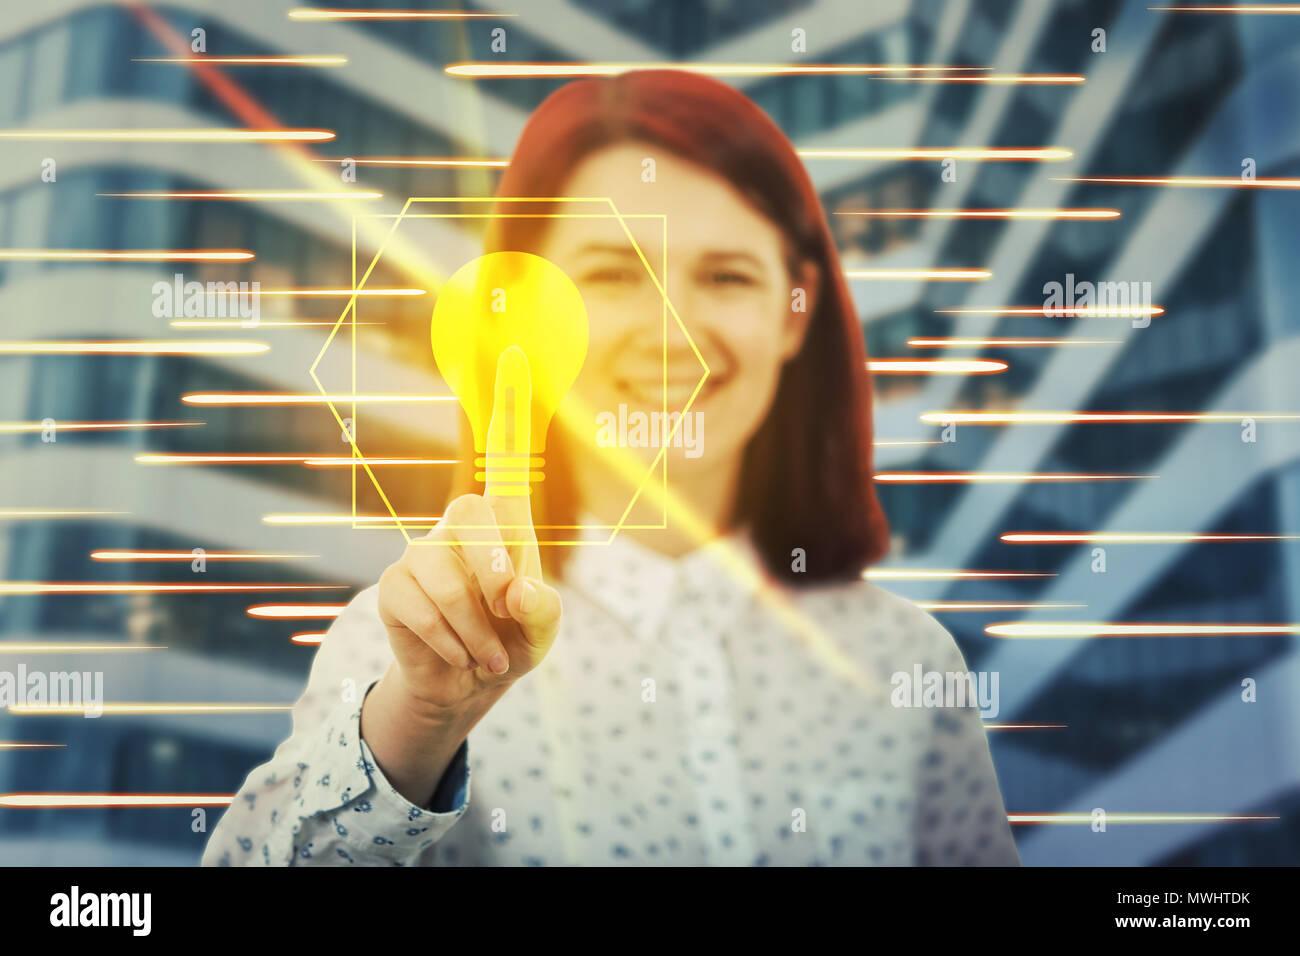 Smiling woman touching digital interface de l'écran avec son doigt. Appuyez sur une ampoule. La créativité et l'idée concept dans le virtuel moderne technolo Photo Stock